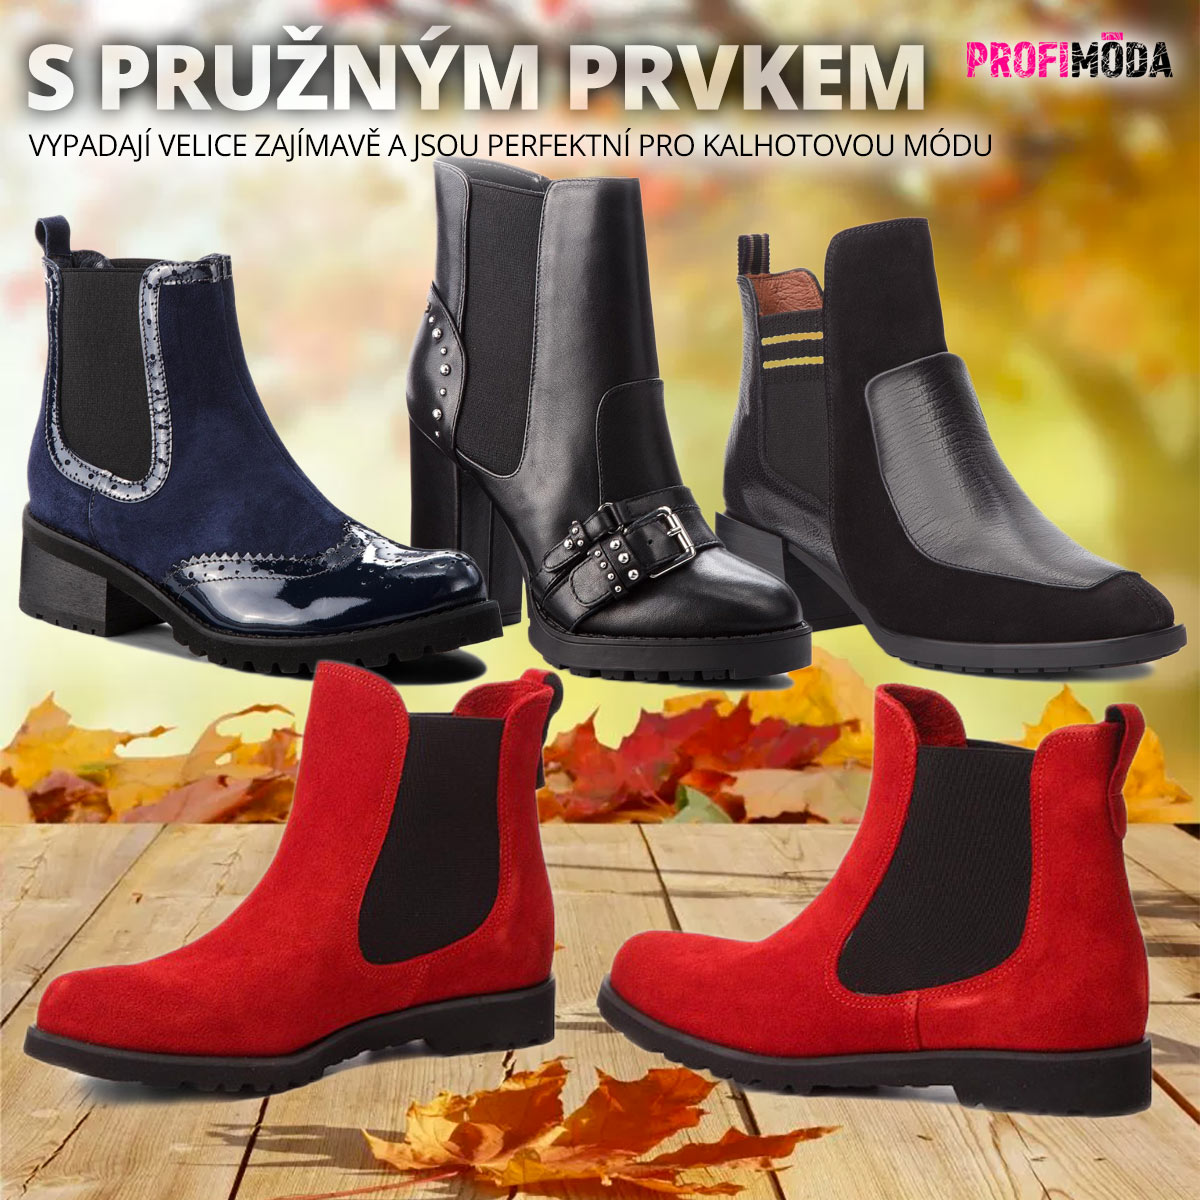 Boty jako jezdecká perka s pružnou vsadkou po straně patří mezi hit v dámské obuvi pro podzim 2018.